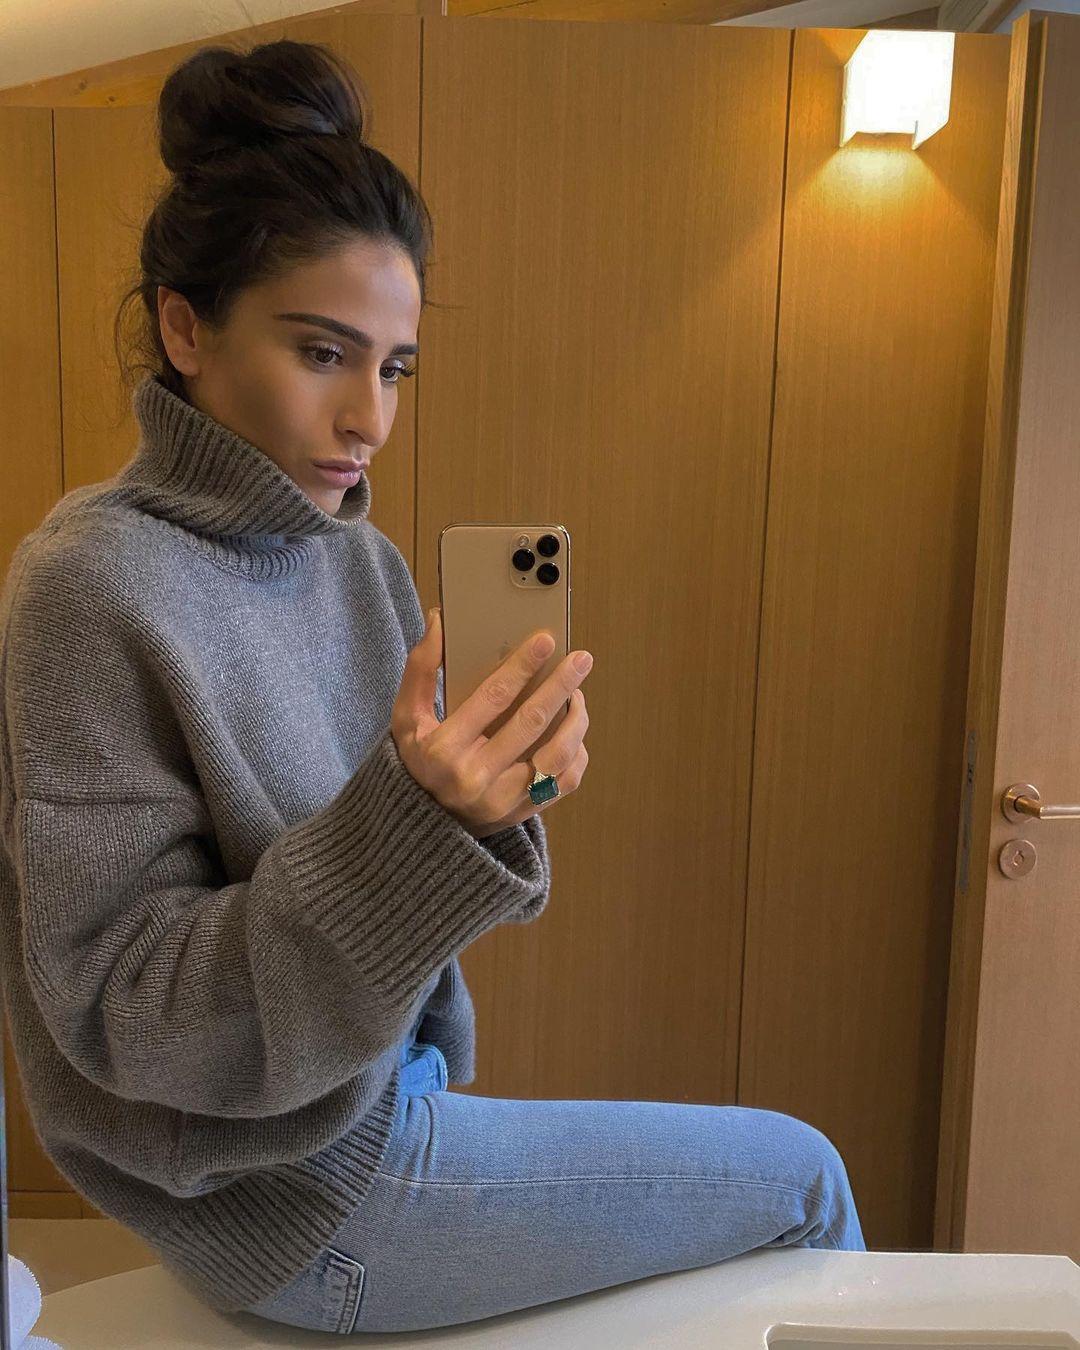 15 Cozy Turtlenecks to Add to Your Fall/Winter Wardrobe